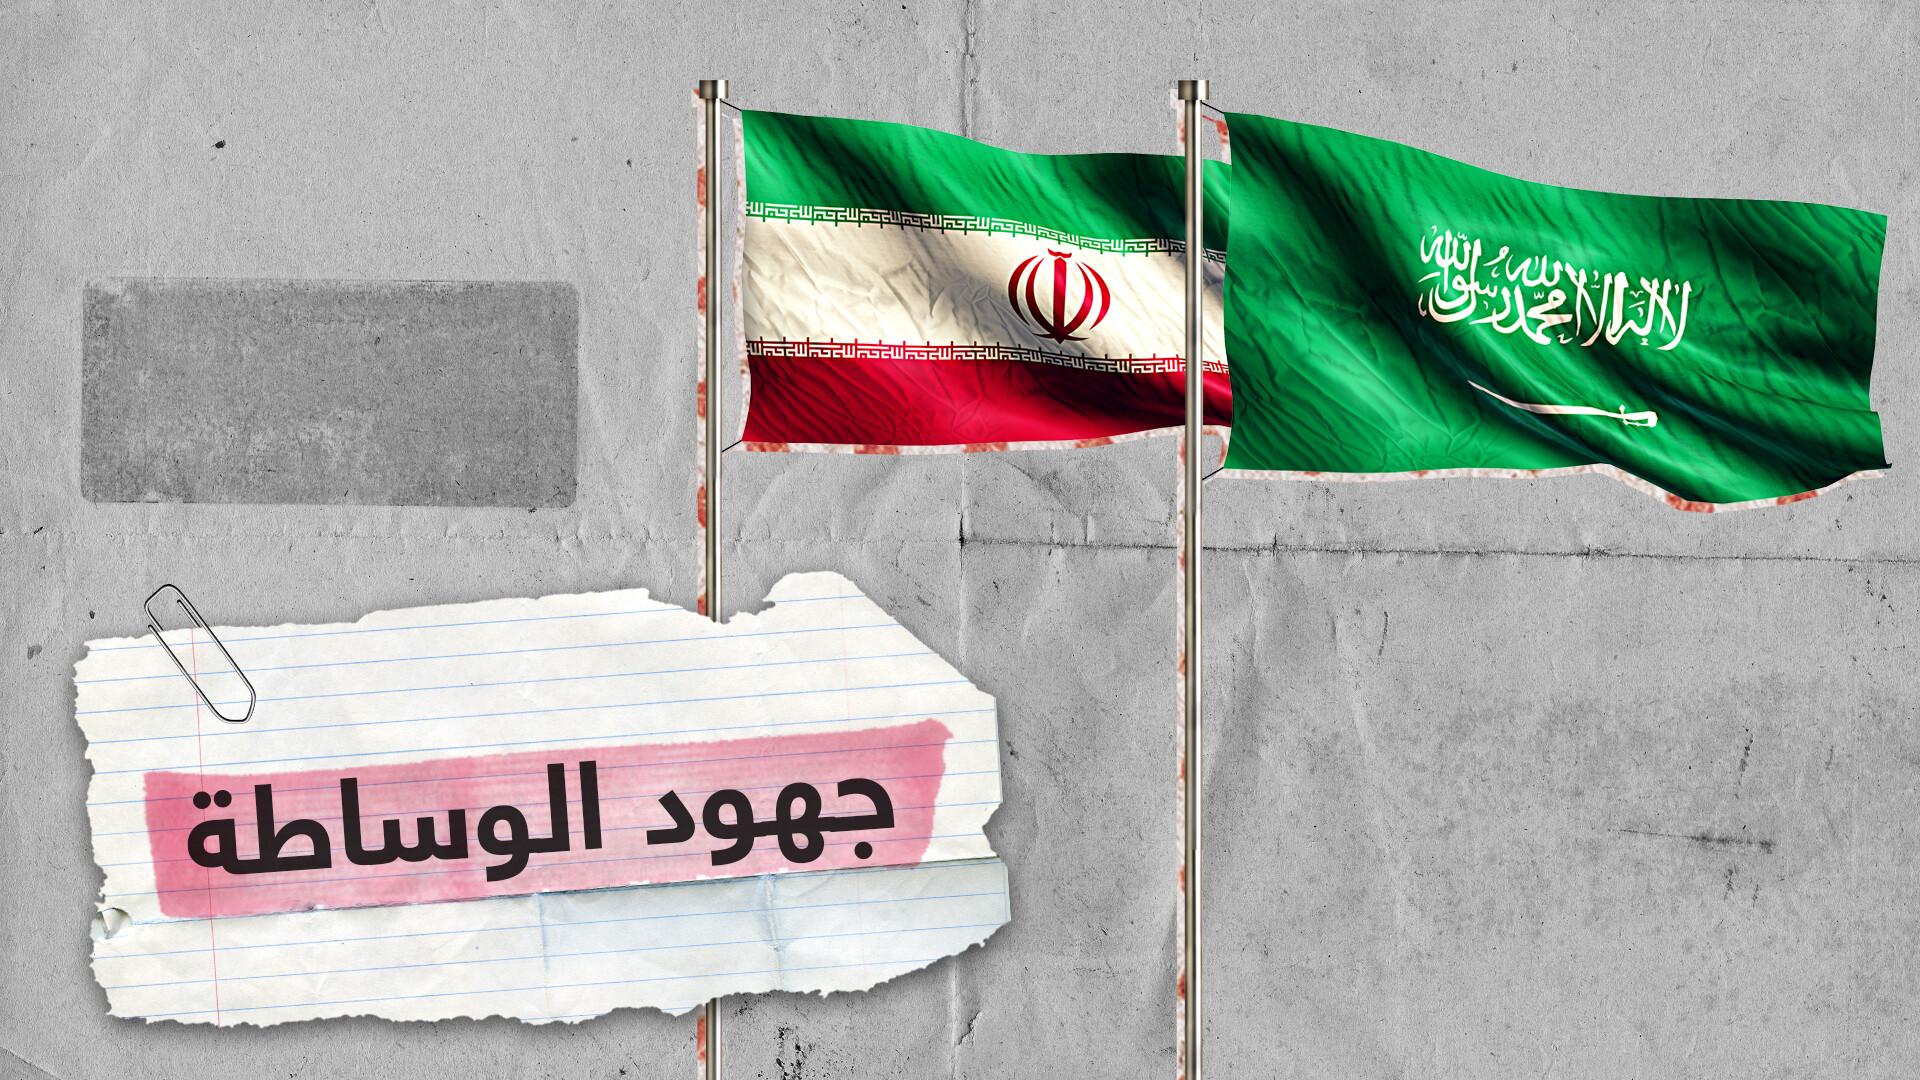 بين خان وعبد المهدي.. هل تفلح جهود الوساطة مع إيران؟